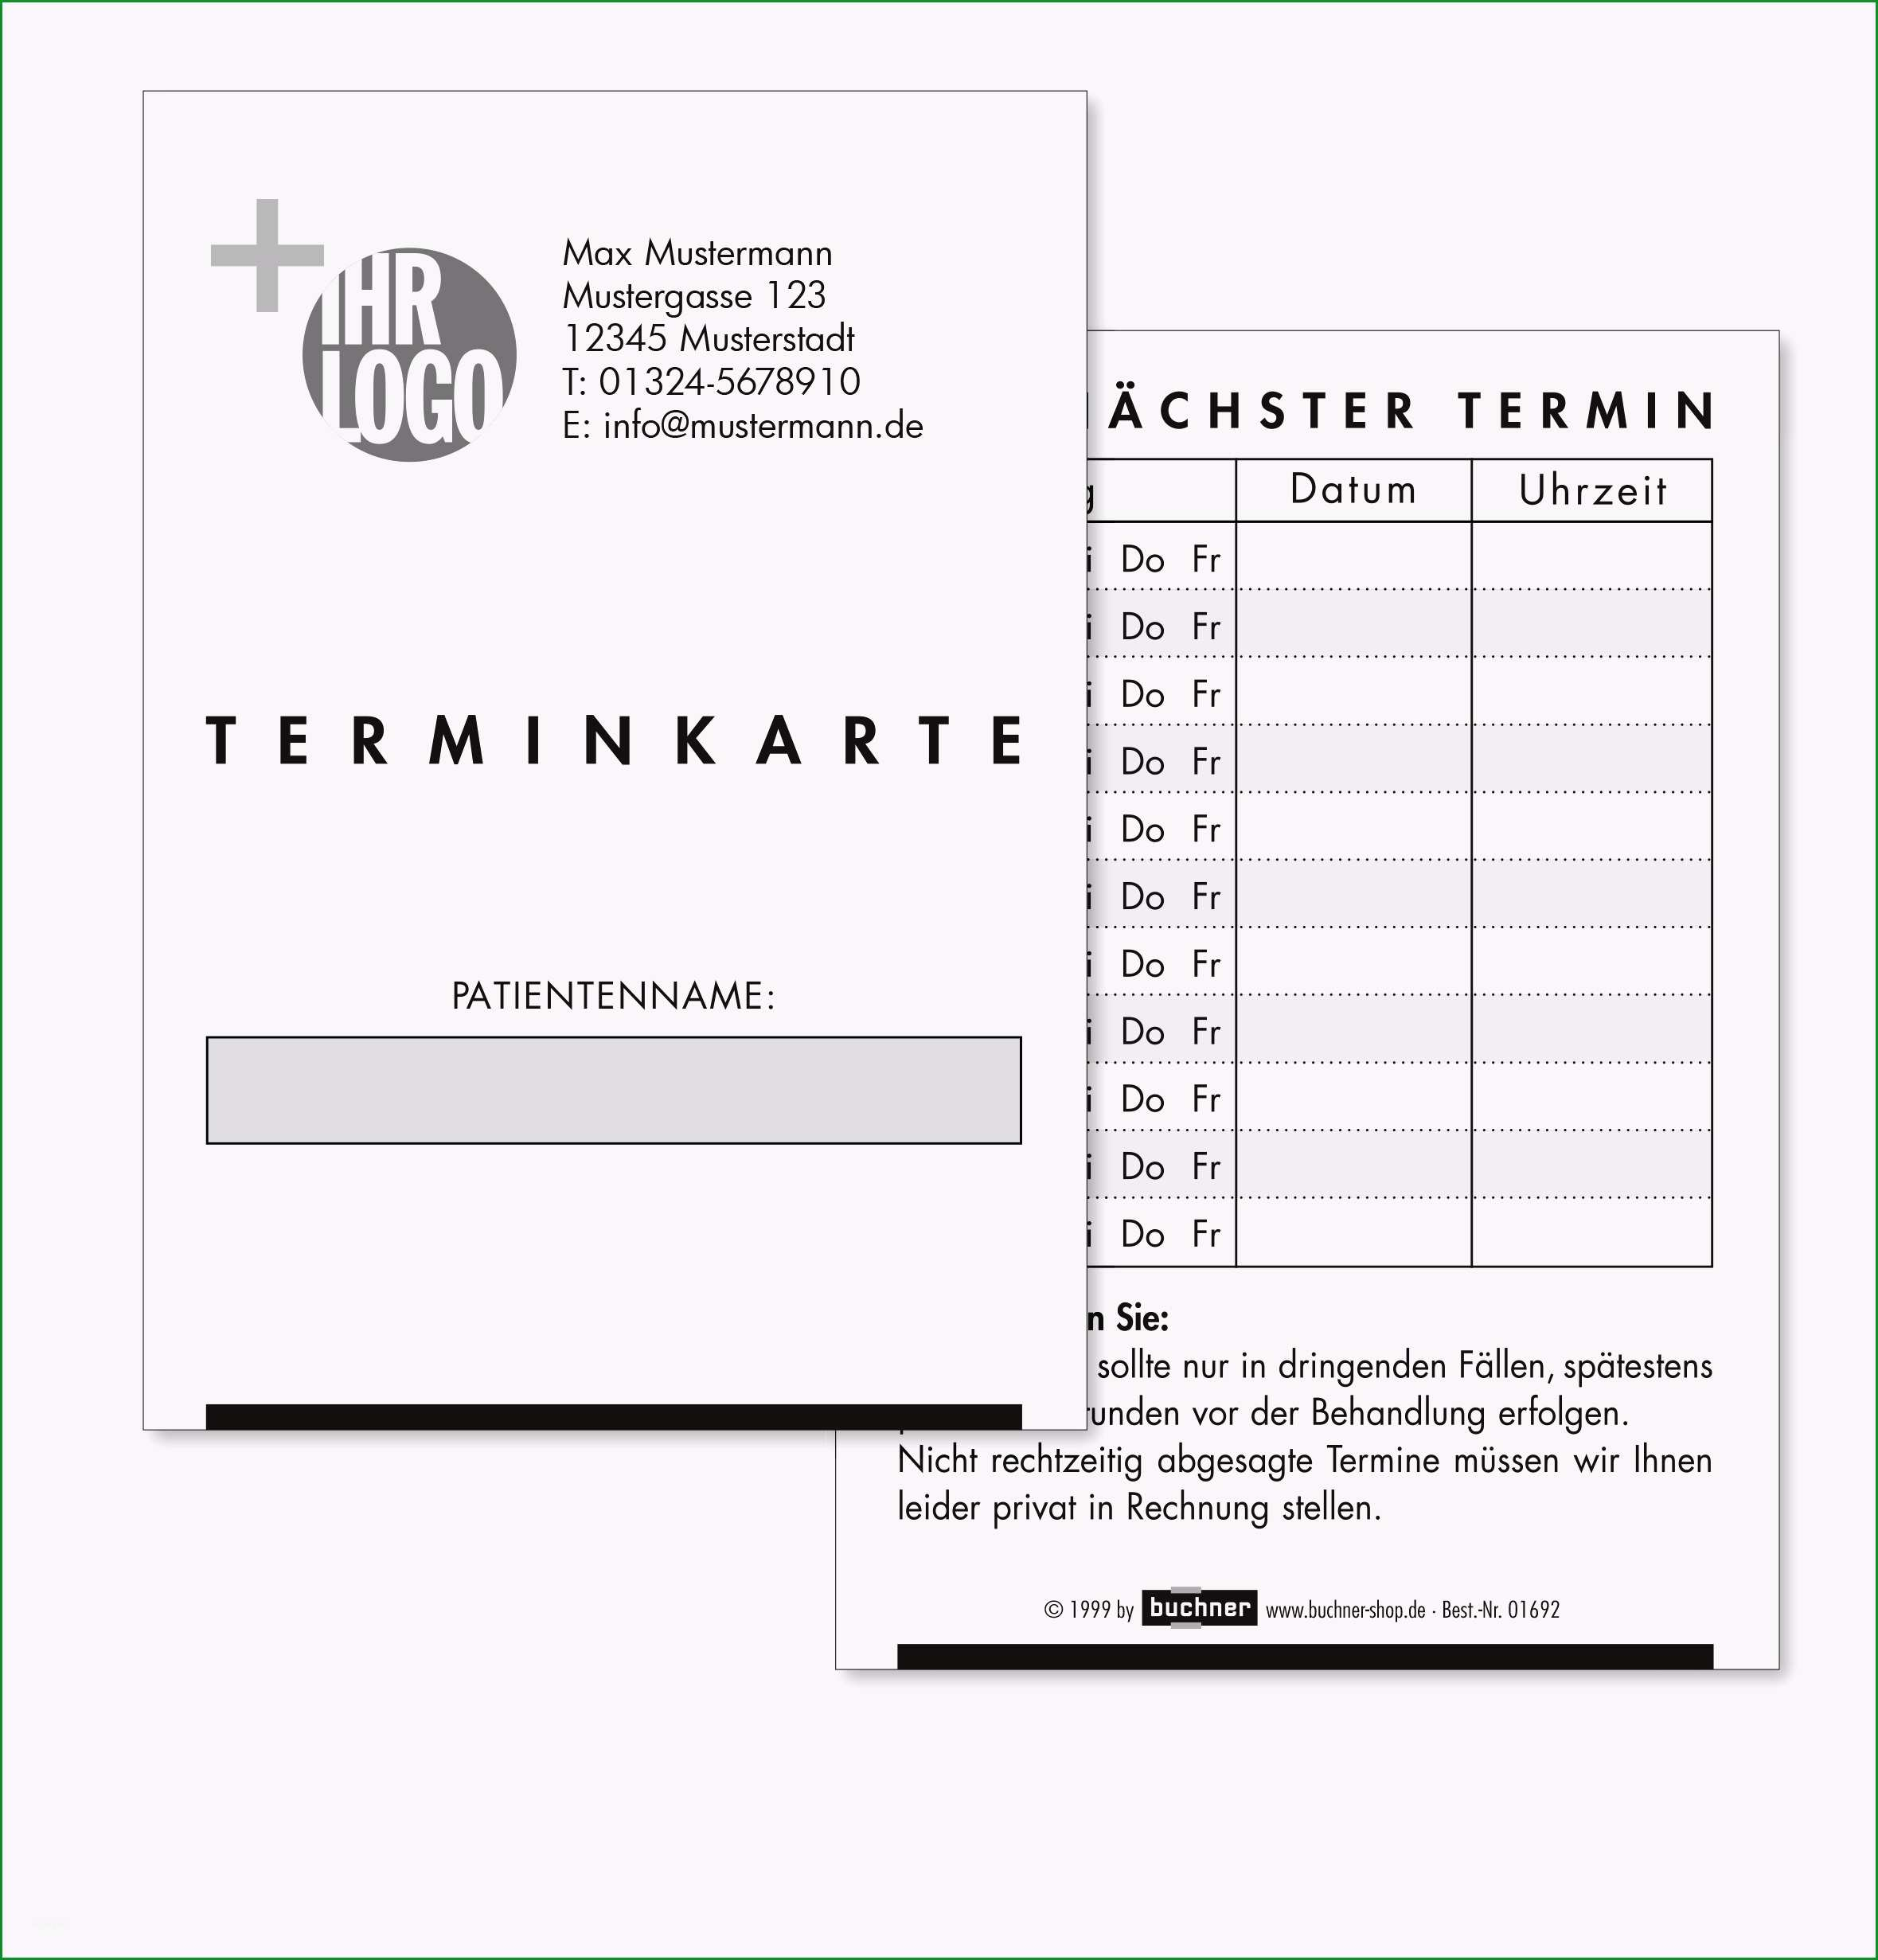 terminkarte aus karton mit ihren kontaktdaten und logo